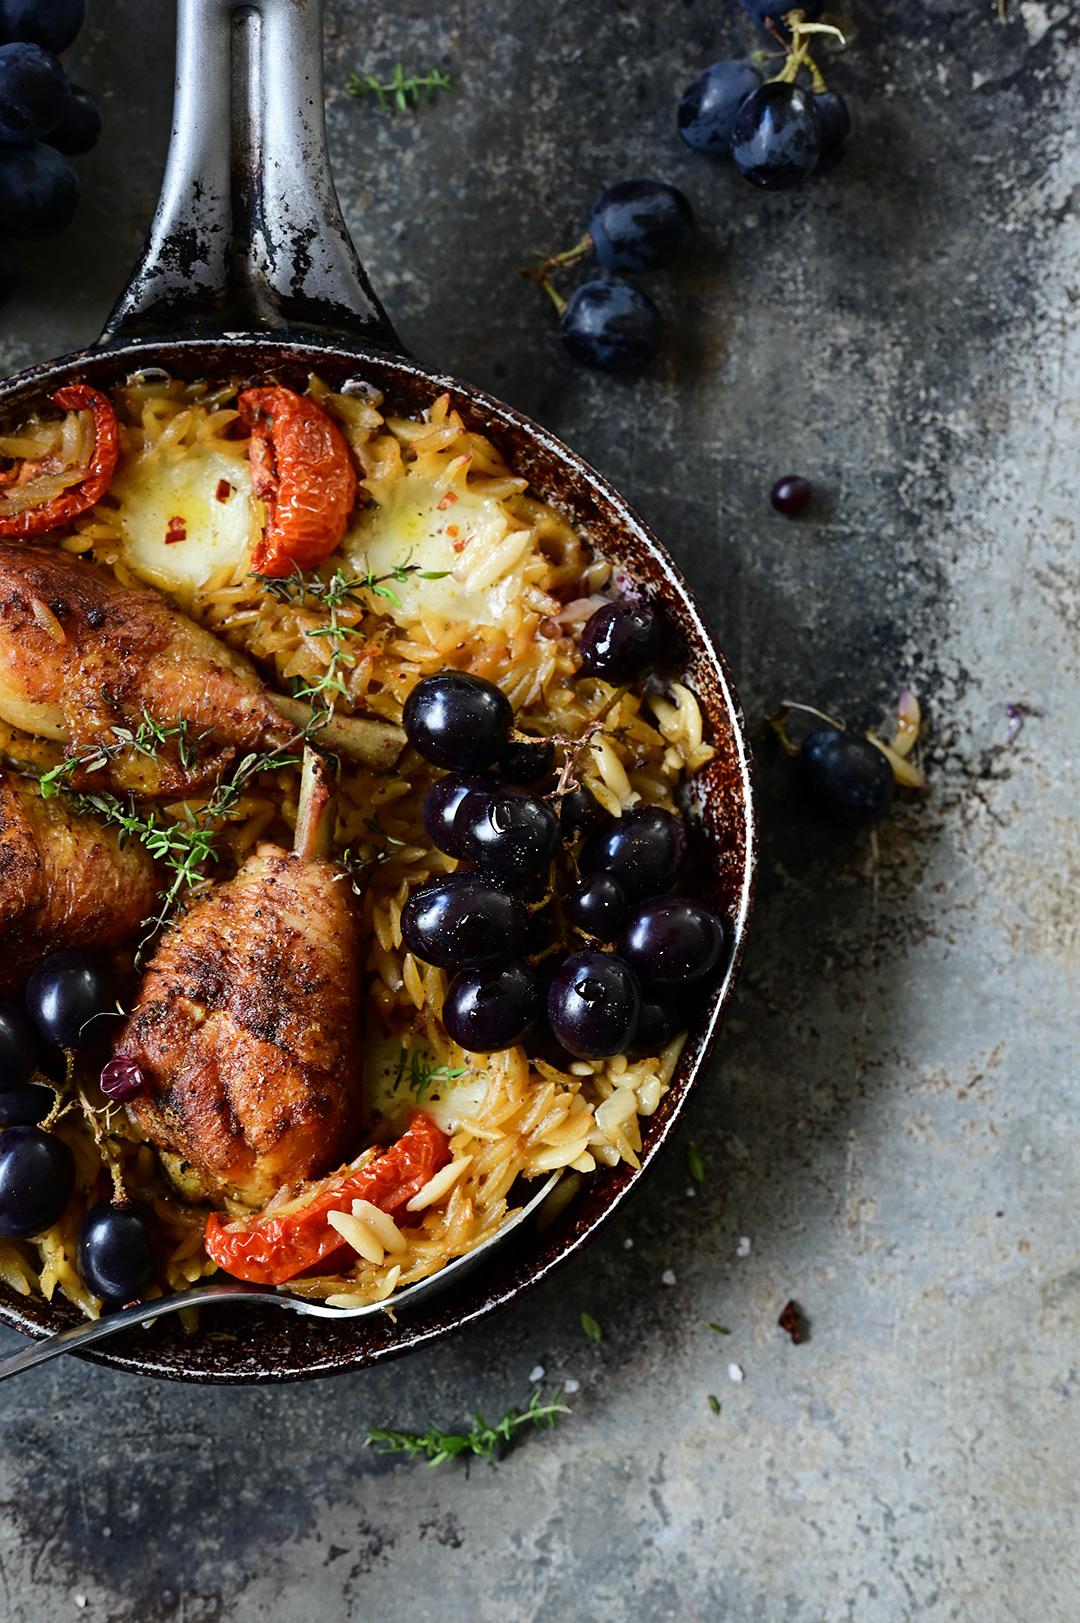 serving dumplings   Pieczone udka kurczaka z orzo i winogronami